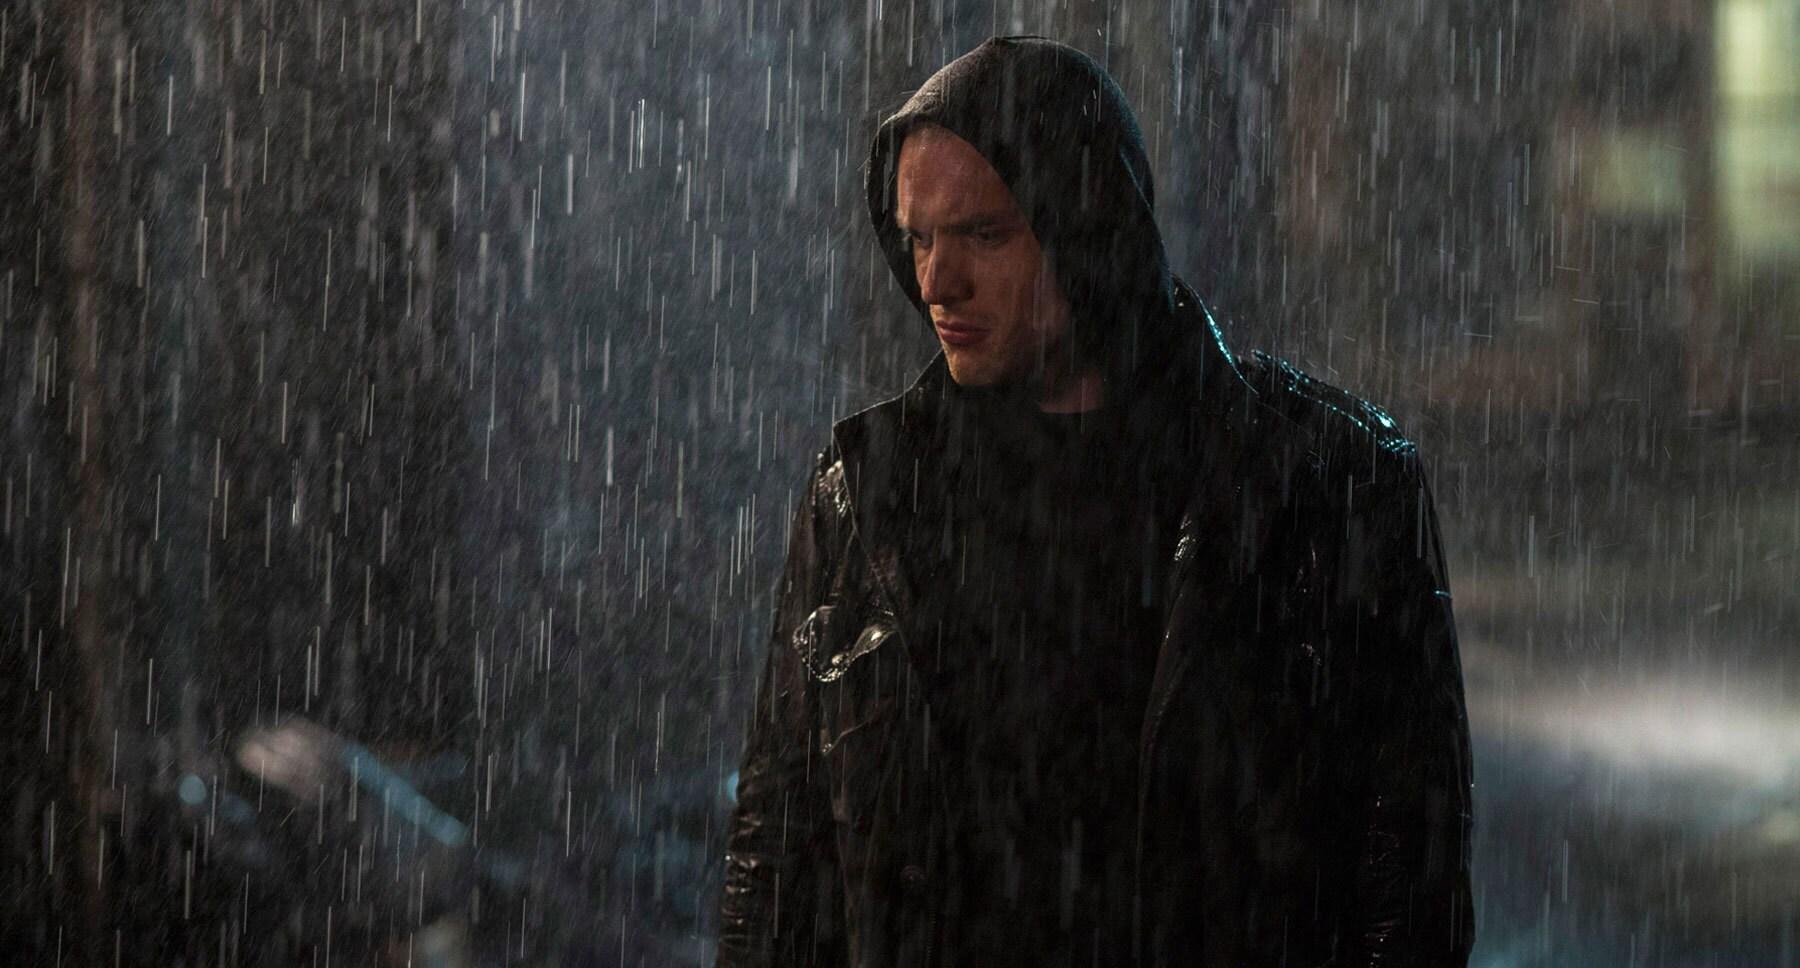 """Ed Skrein (as Ajax) standing in the rain in """"Deadpool"""""""